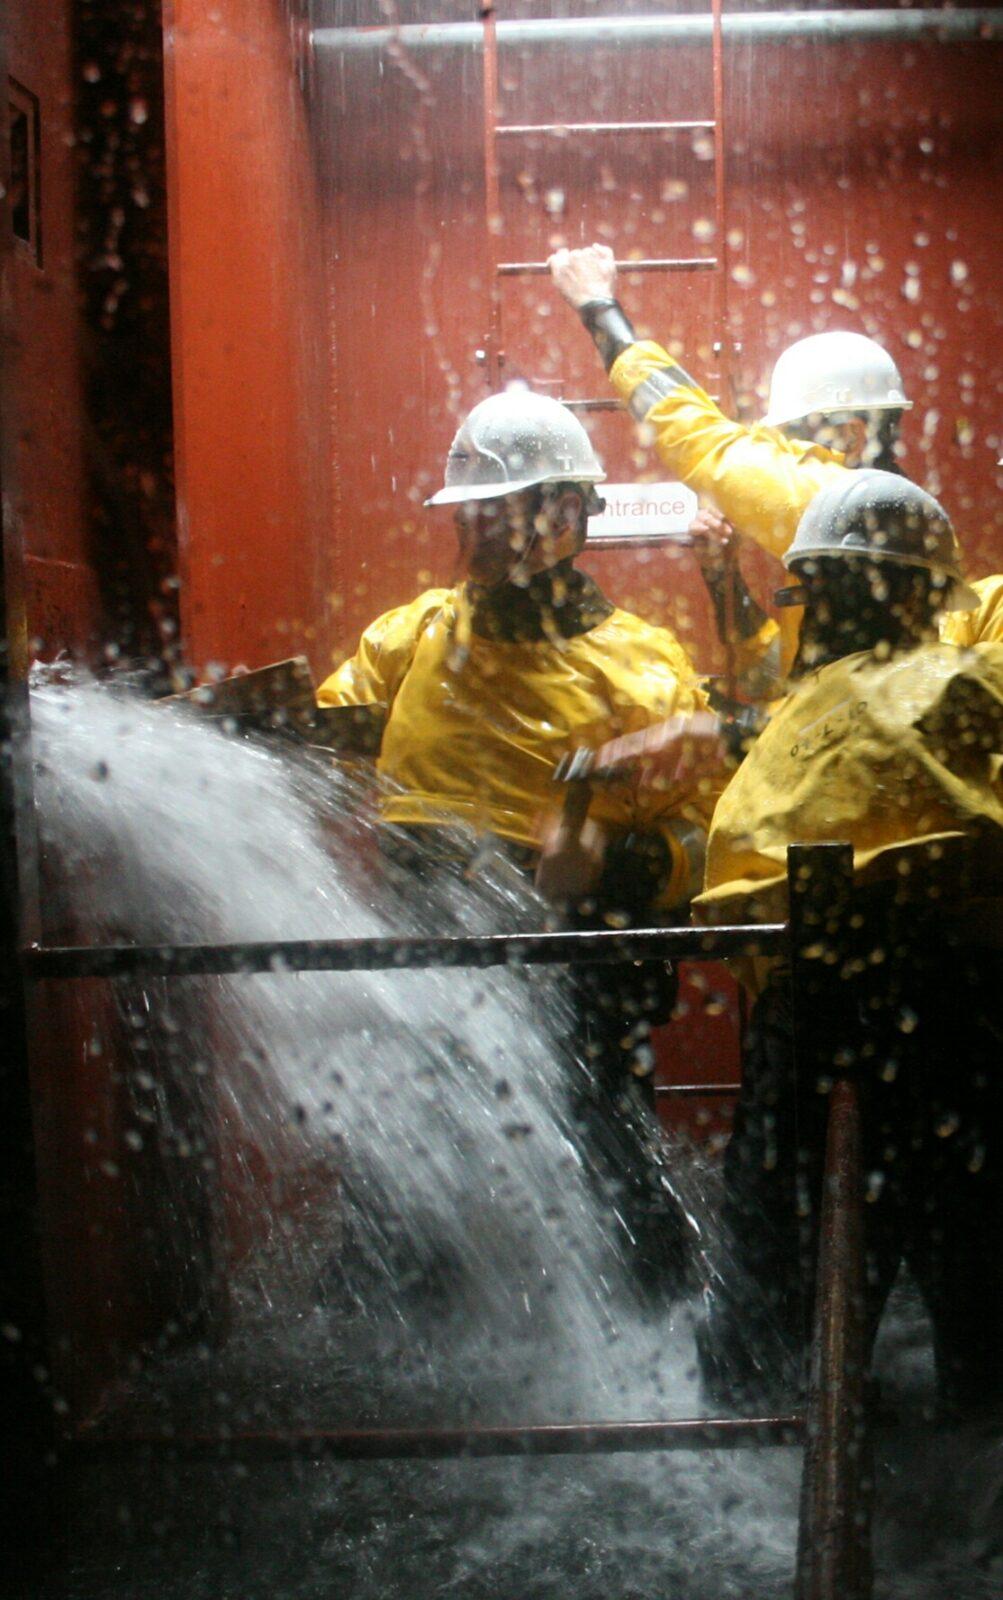 flood incident : Ship water ingress